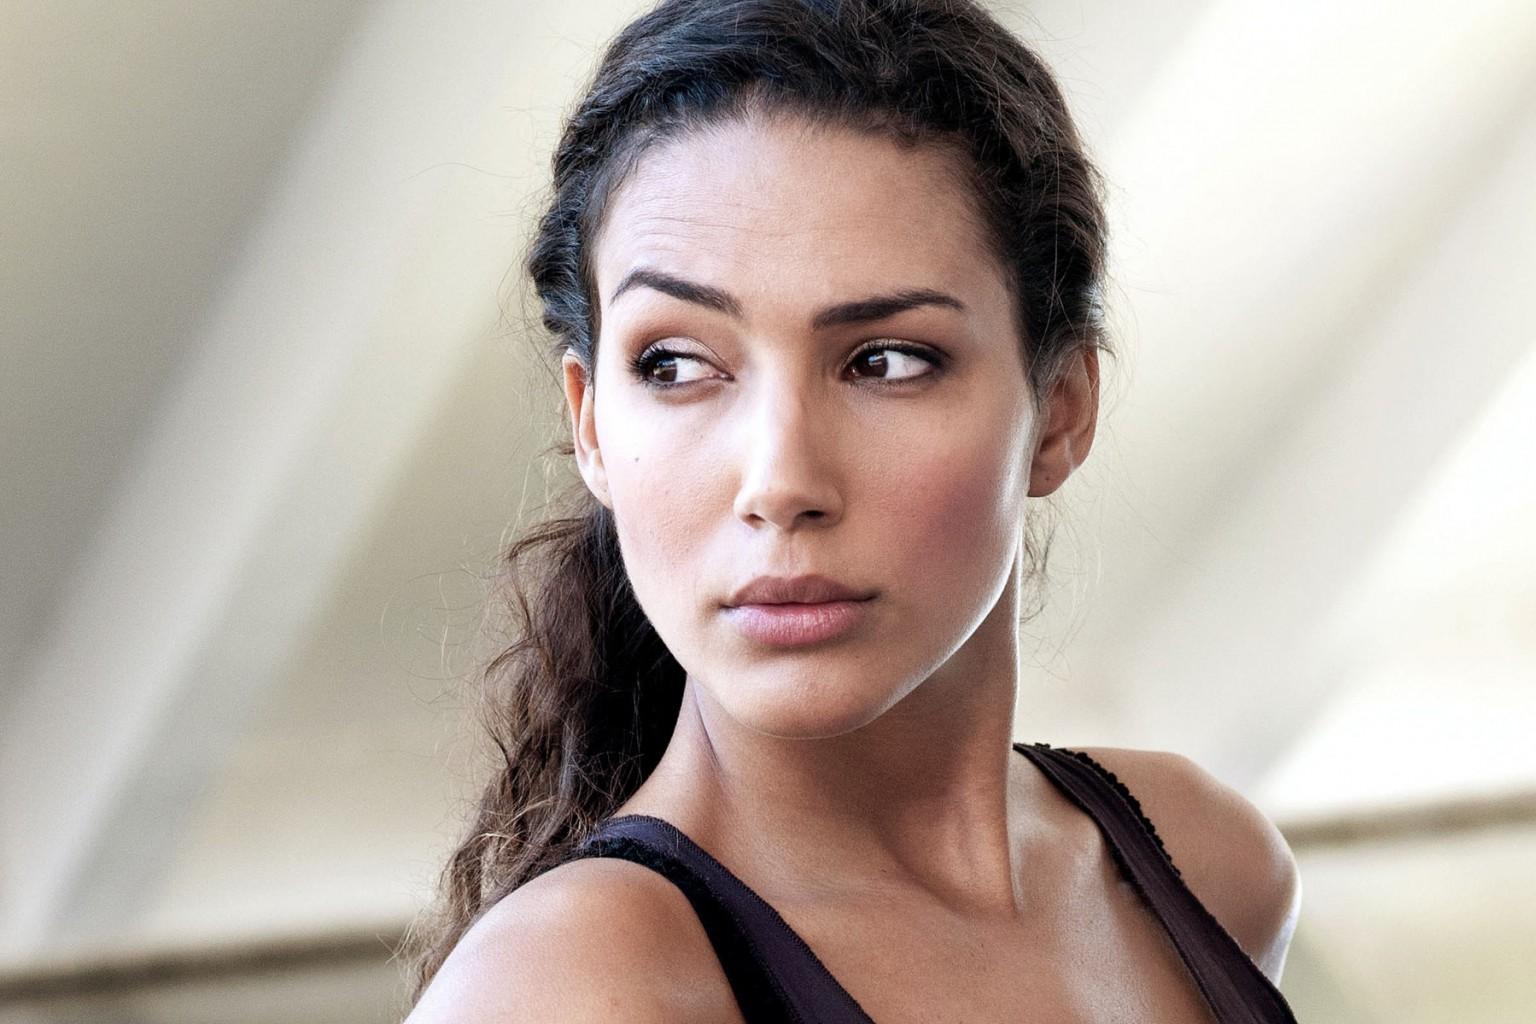 Poze Amy Mußul - Actor - Poza 21 din 29 - CineMagia.ro